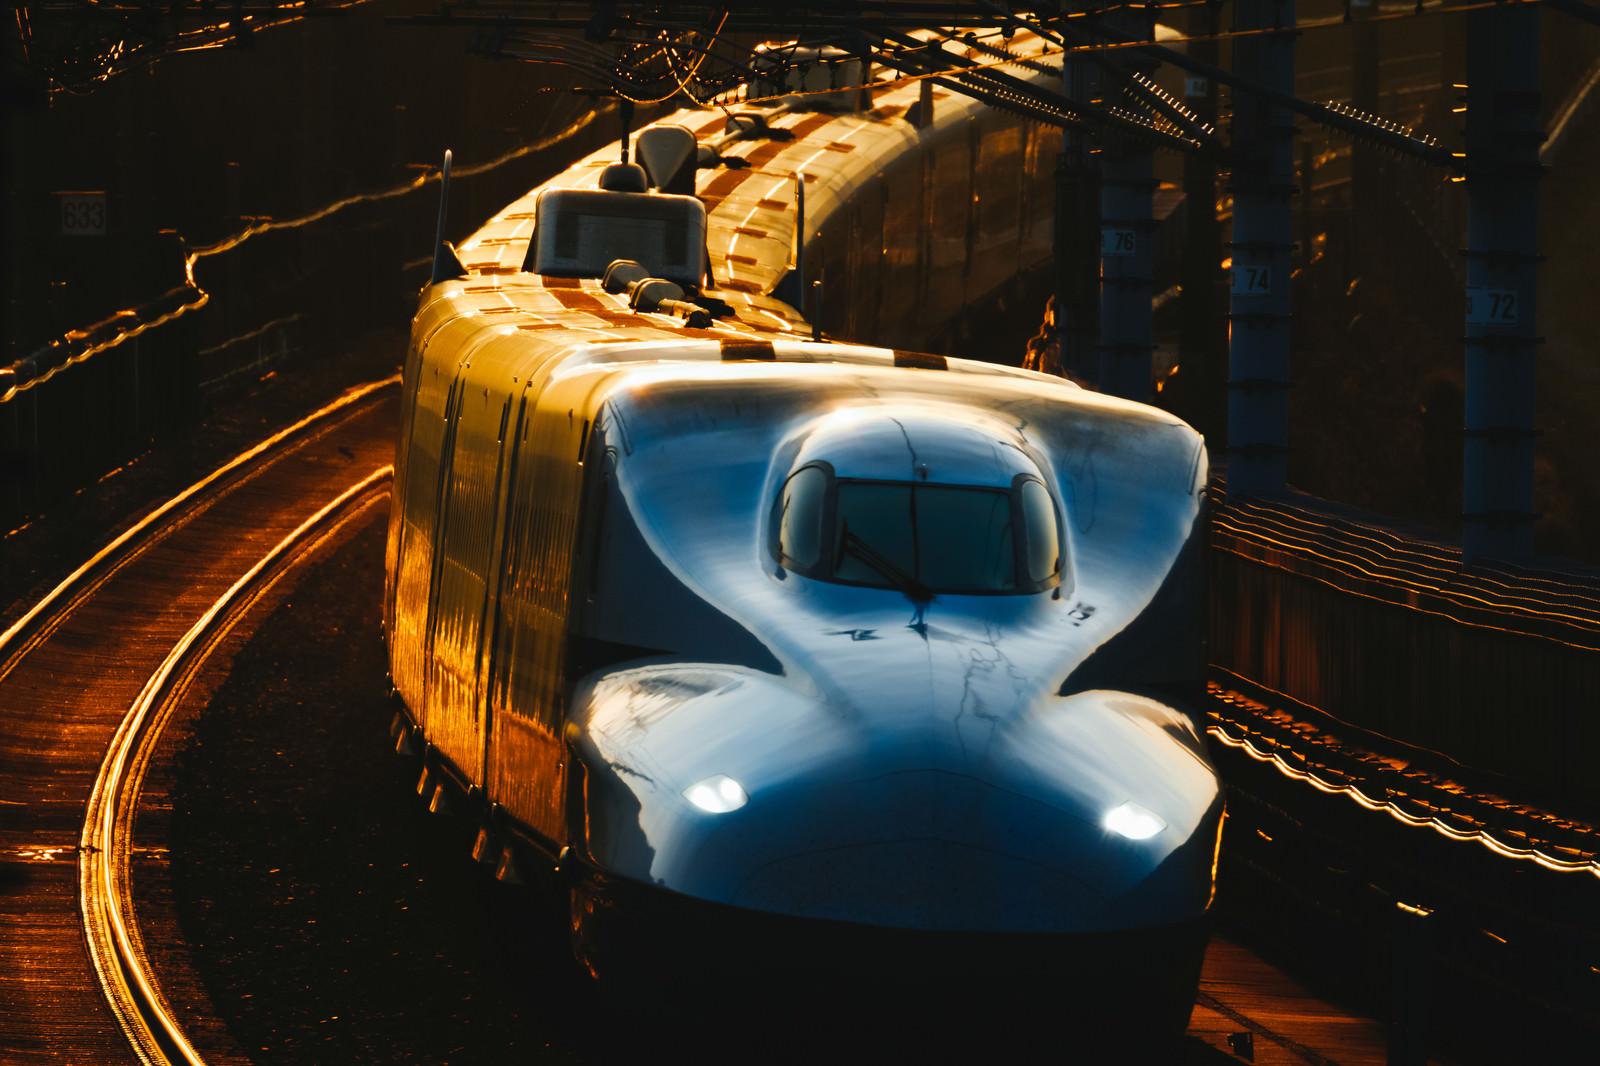 「夕闇を走るN700系夕闇を走るN700系」のフリー写真素材を拡大